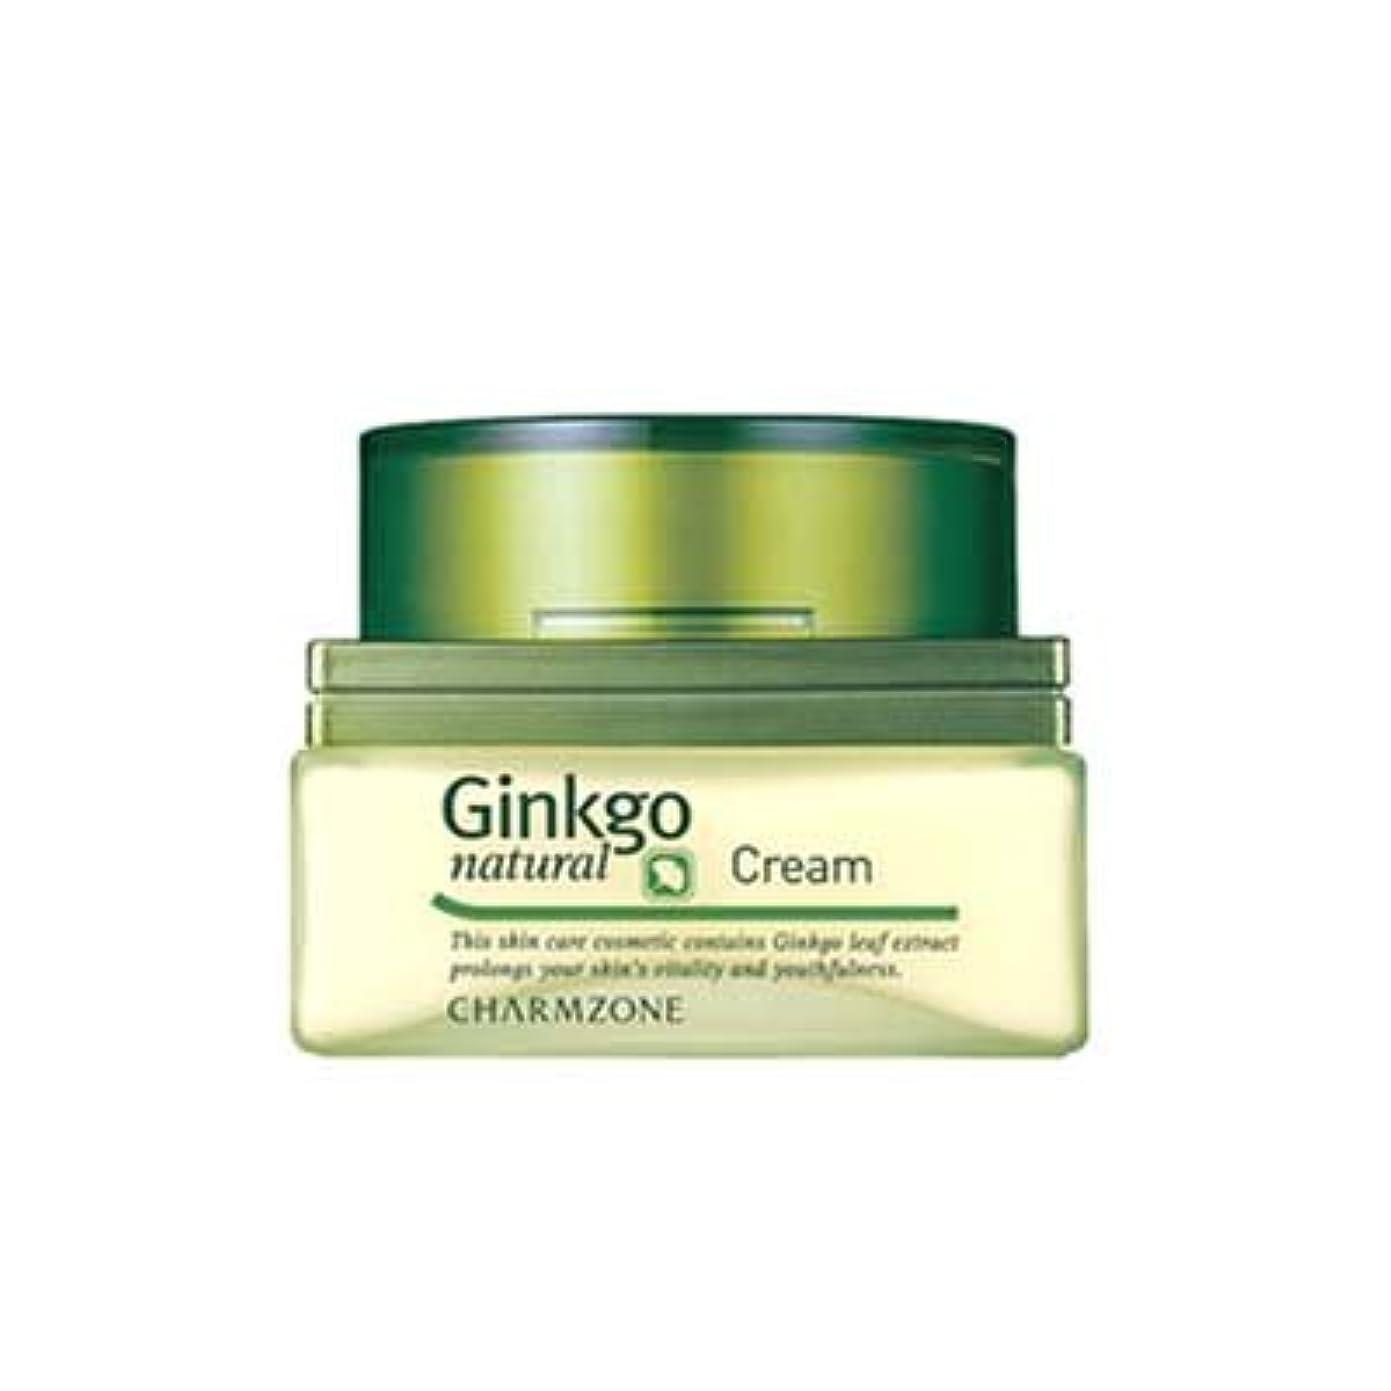 驚いたいつでも群れチャームゾーン Ginkgo natural (ジンコナチュラル) クリーム 60ml